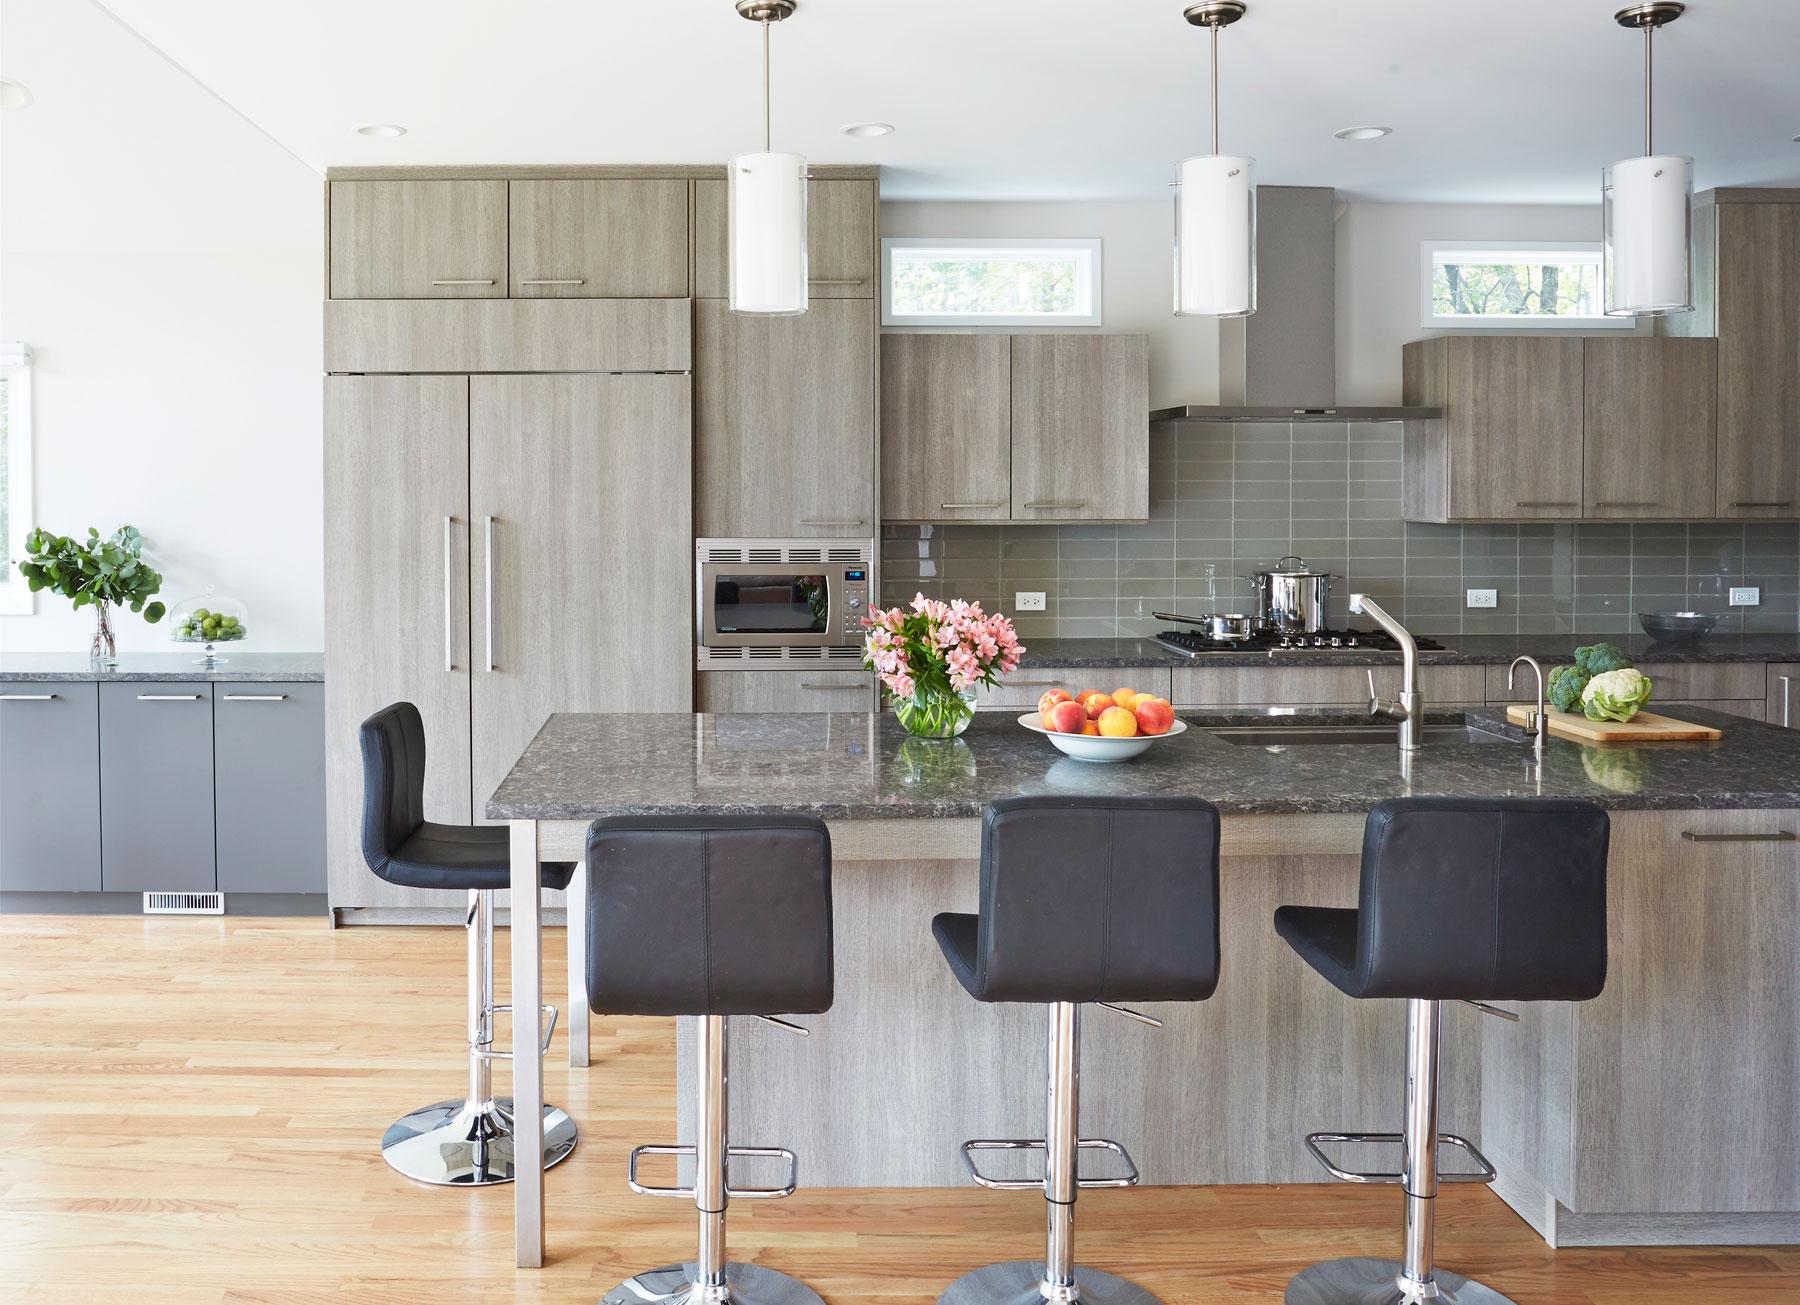 designer kitchens u0026 baths GUVUDMP